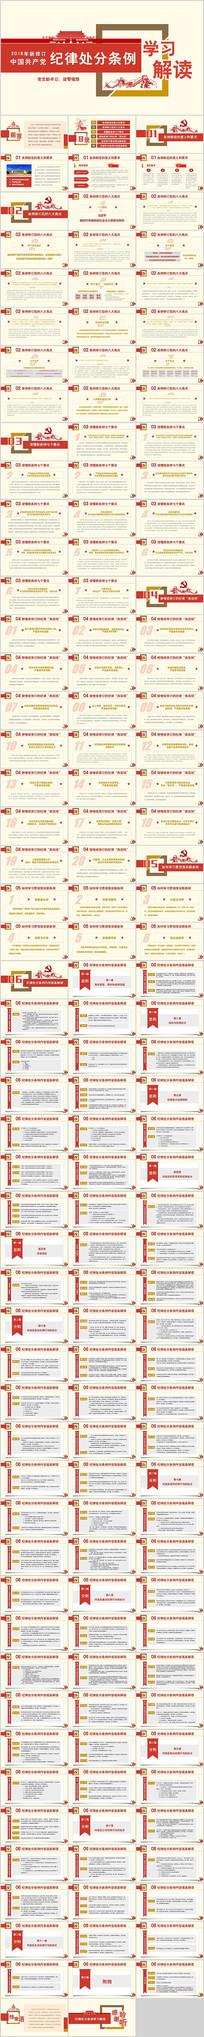 新修订纪律处分条例解读PPT